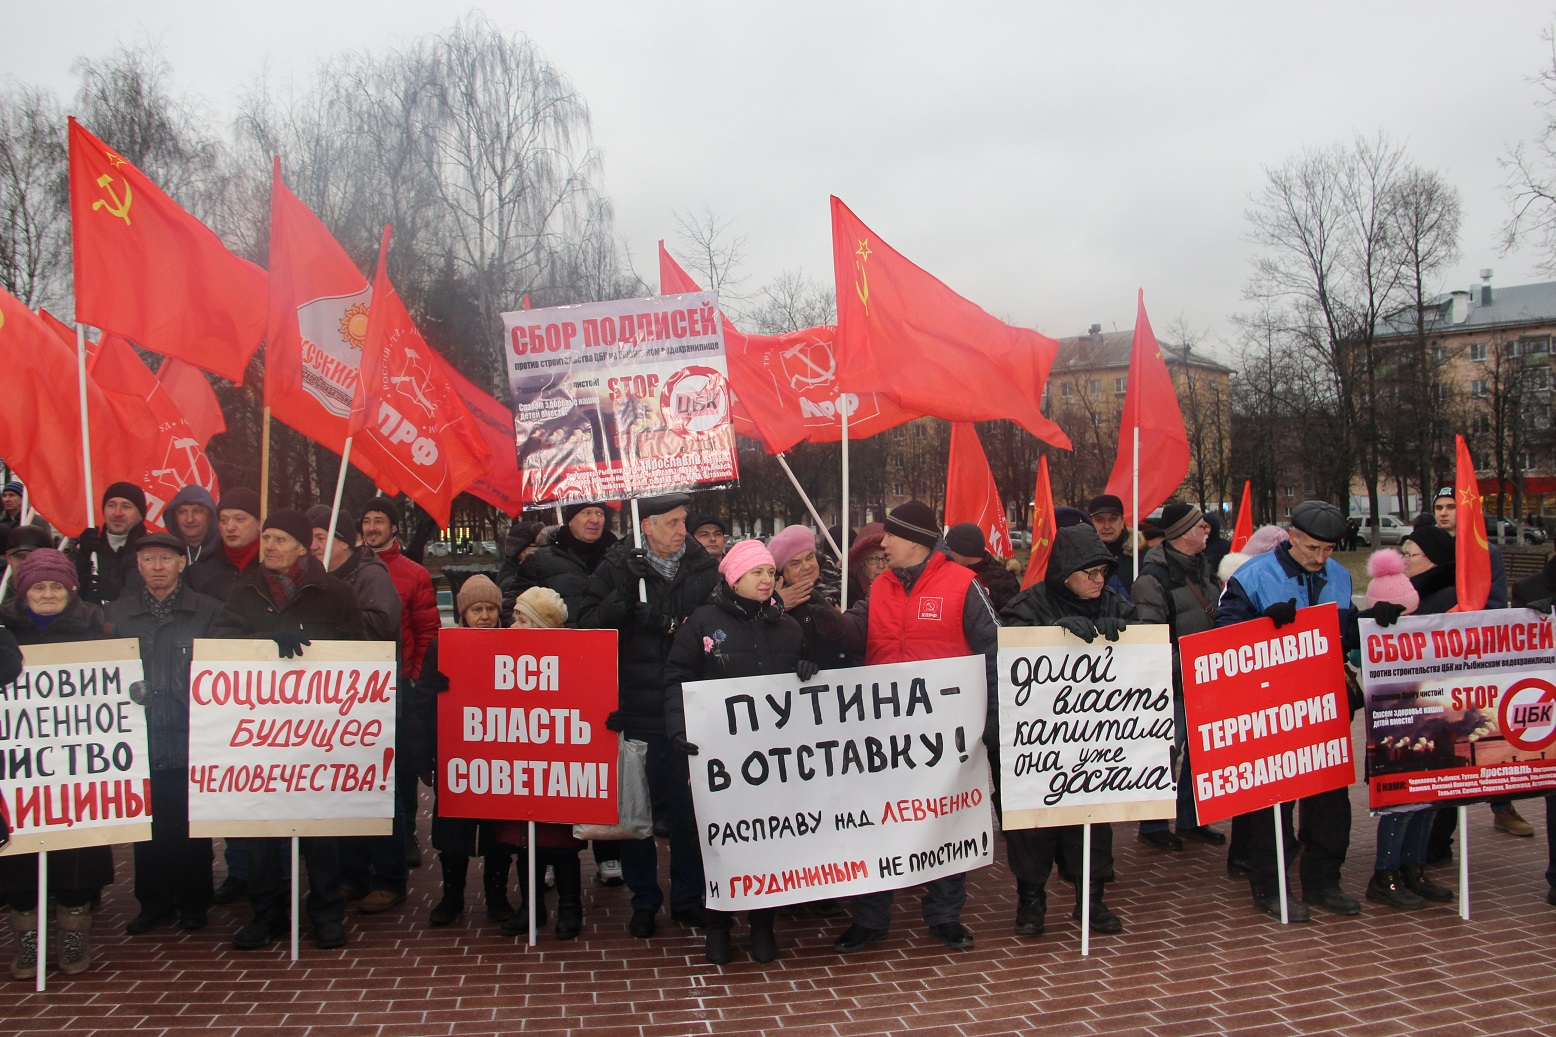 Митинг протеста в Ярославле. Нет ЦБК на Волге. Поддержим Грудинина и Левченко. Путина в отставку (полная видеоверсия)